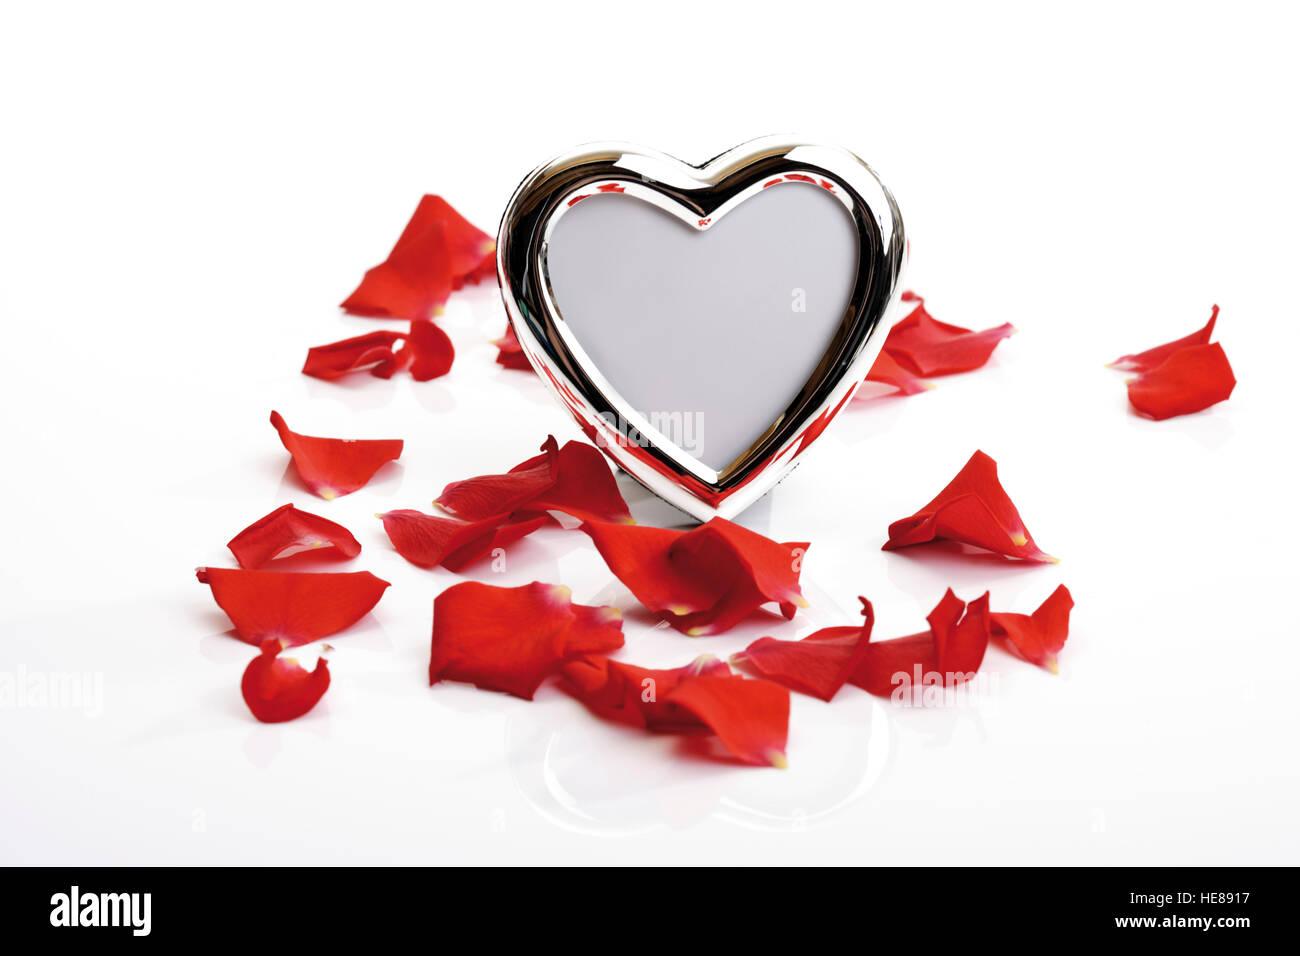 Herzförmigen Bilderrahmen und rote Rosenblüten Stockfoto, Bild ...